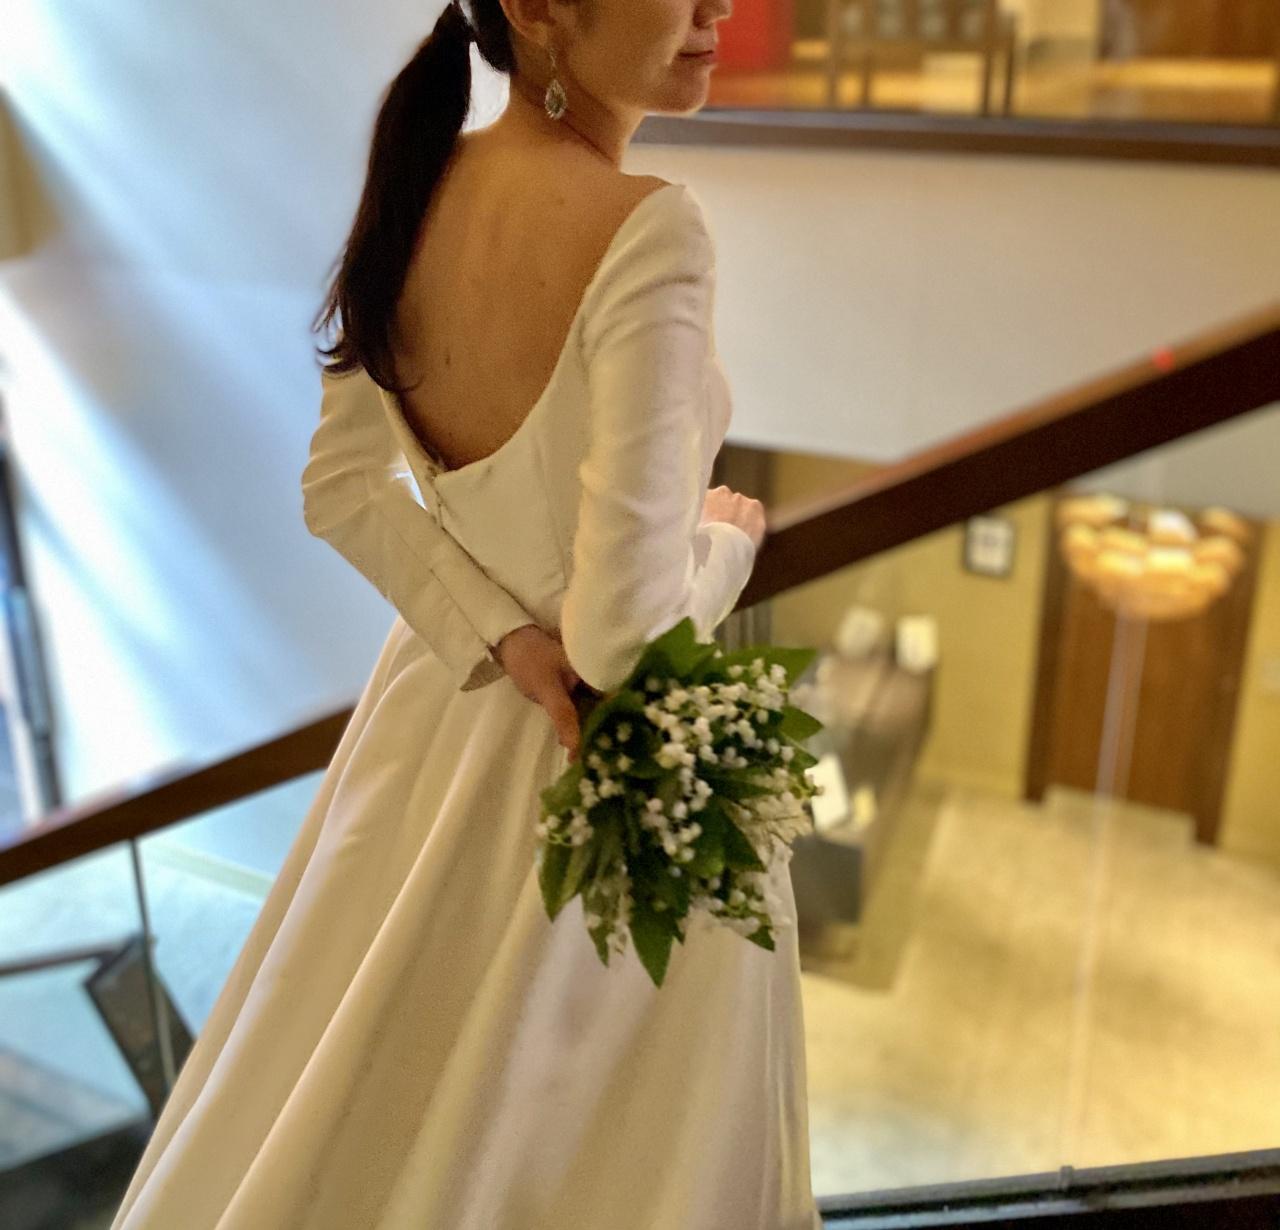 ミカドシルクを使用した上品で女性らしいウェディングドレスには、すずらんのブーケを合わせて可憐な印象をプラス